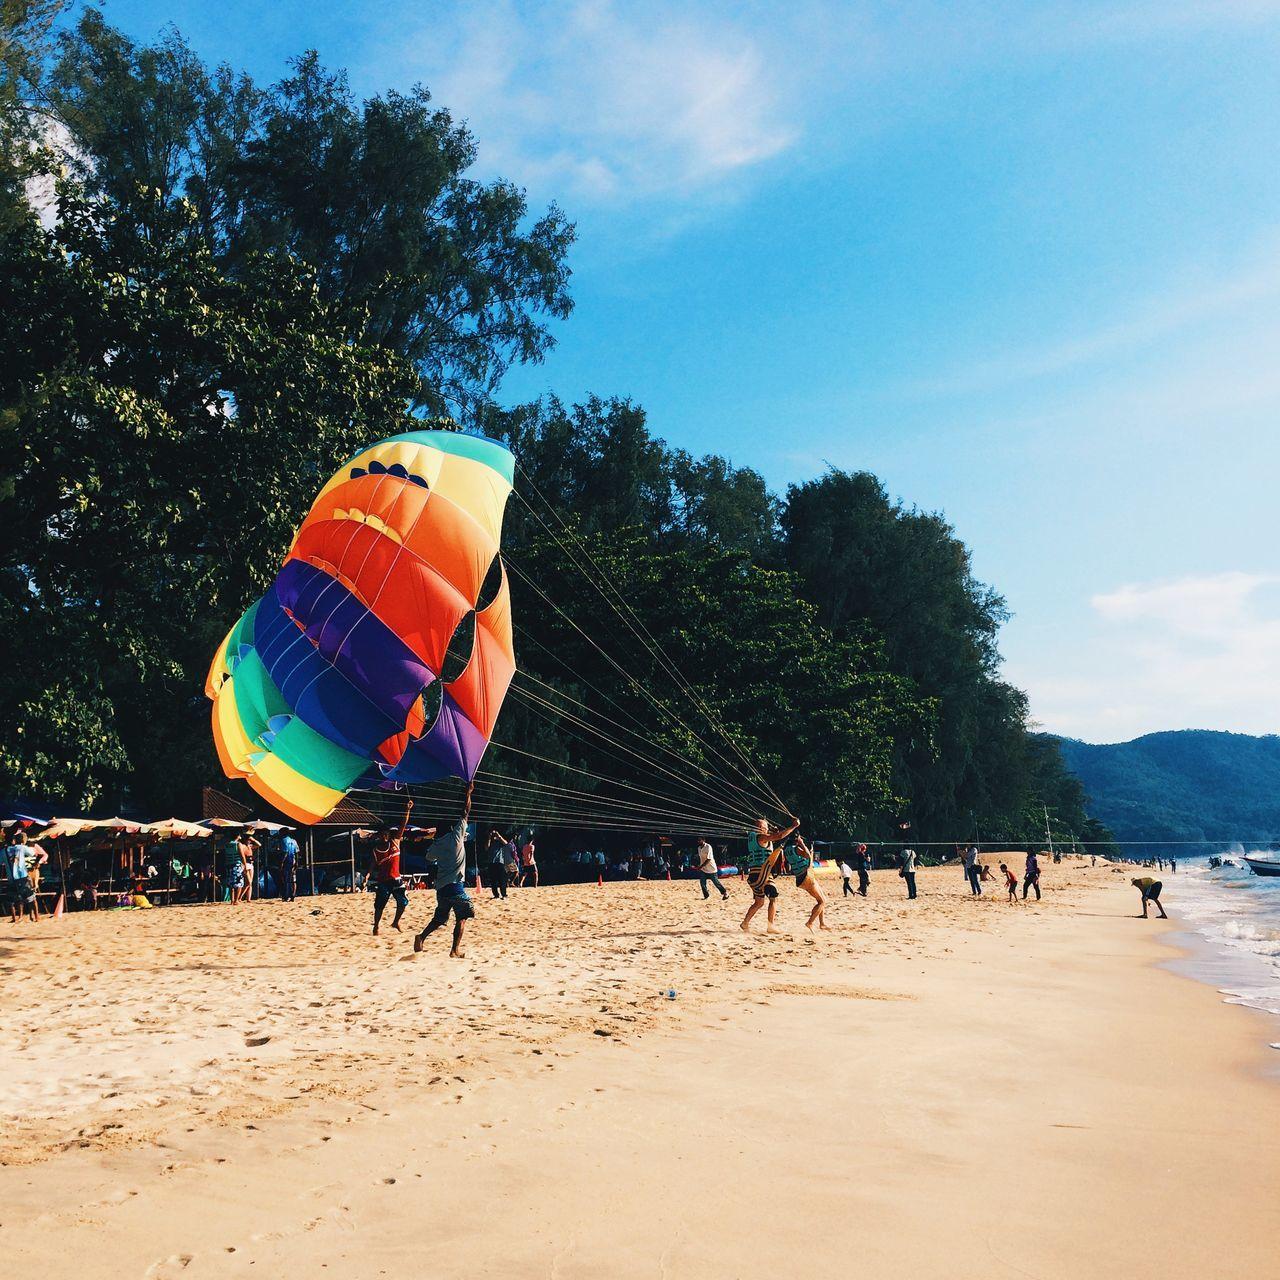 Parasailing On Beach Against Sky